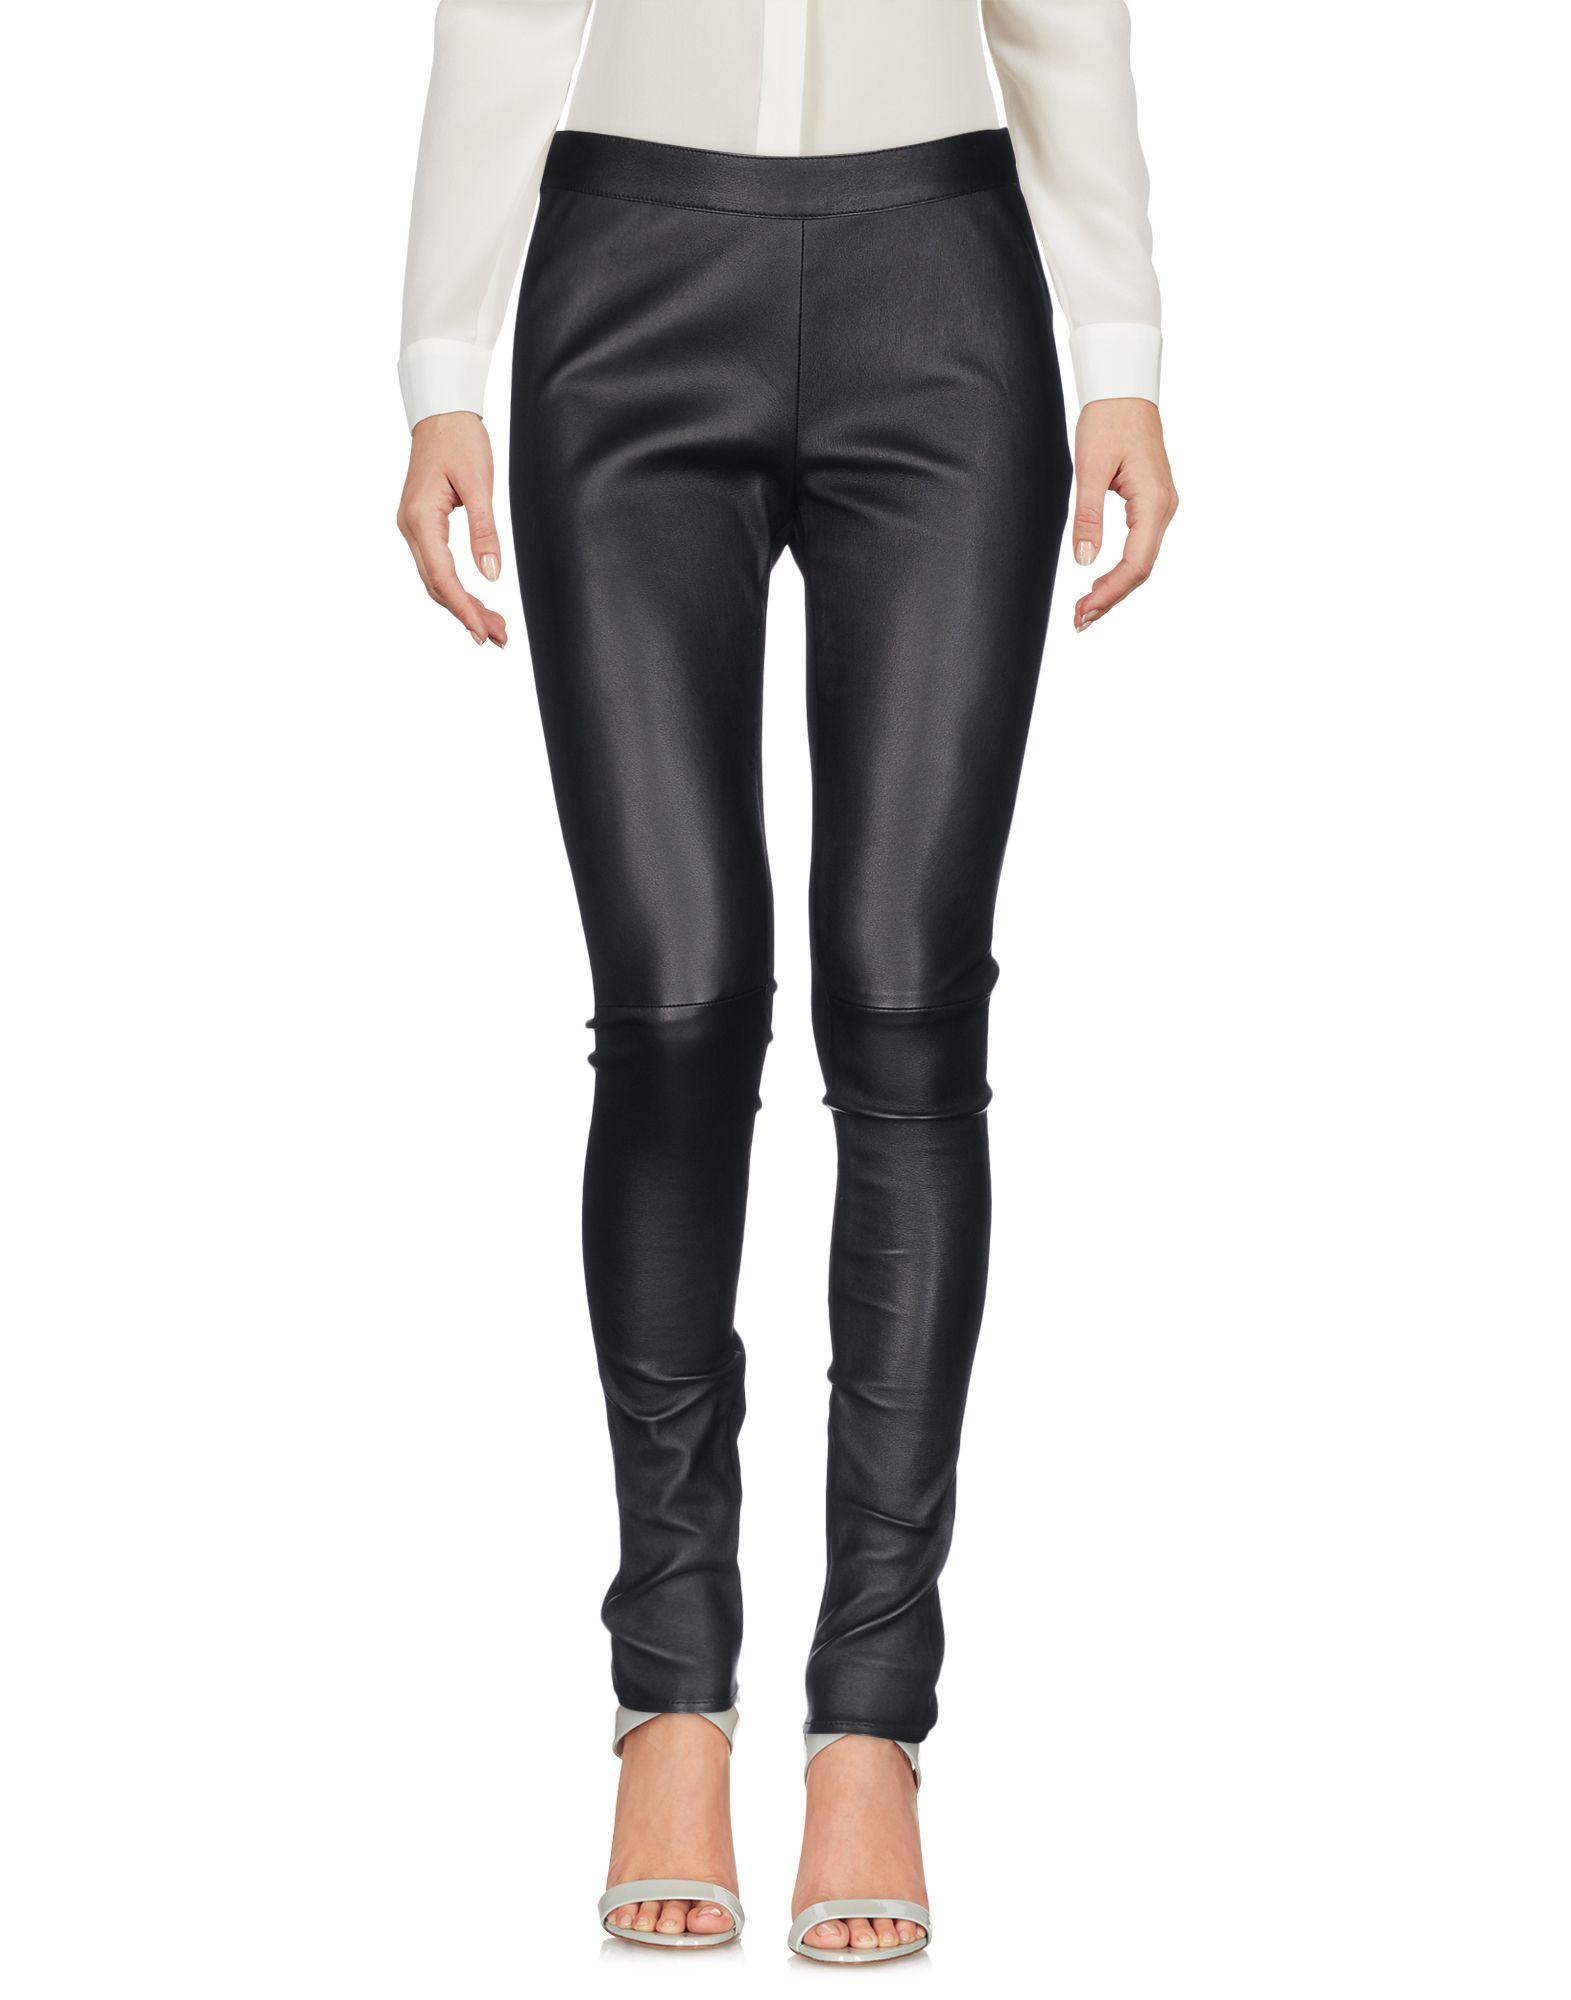 Pantalone Philipp Plein Donna - Acquista online su TLKKsCw